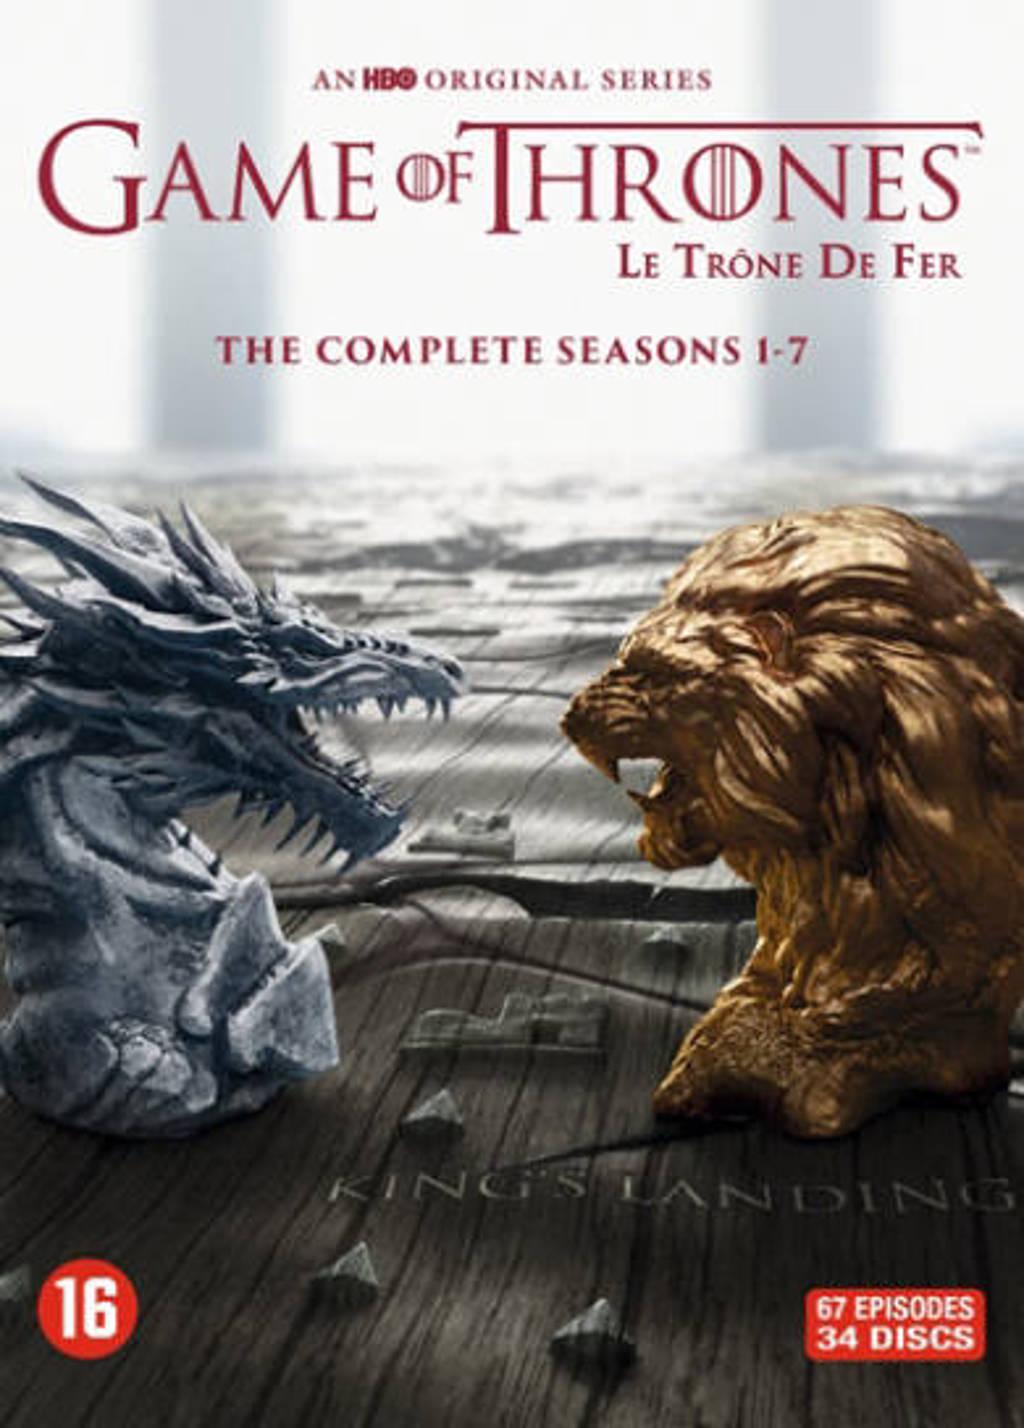 Game of thrones - Seizoen 1-7 (DVD)